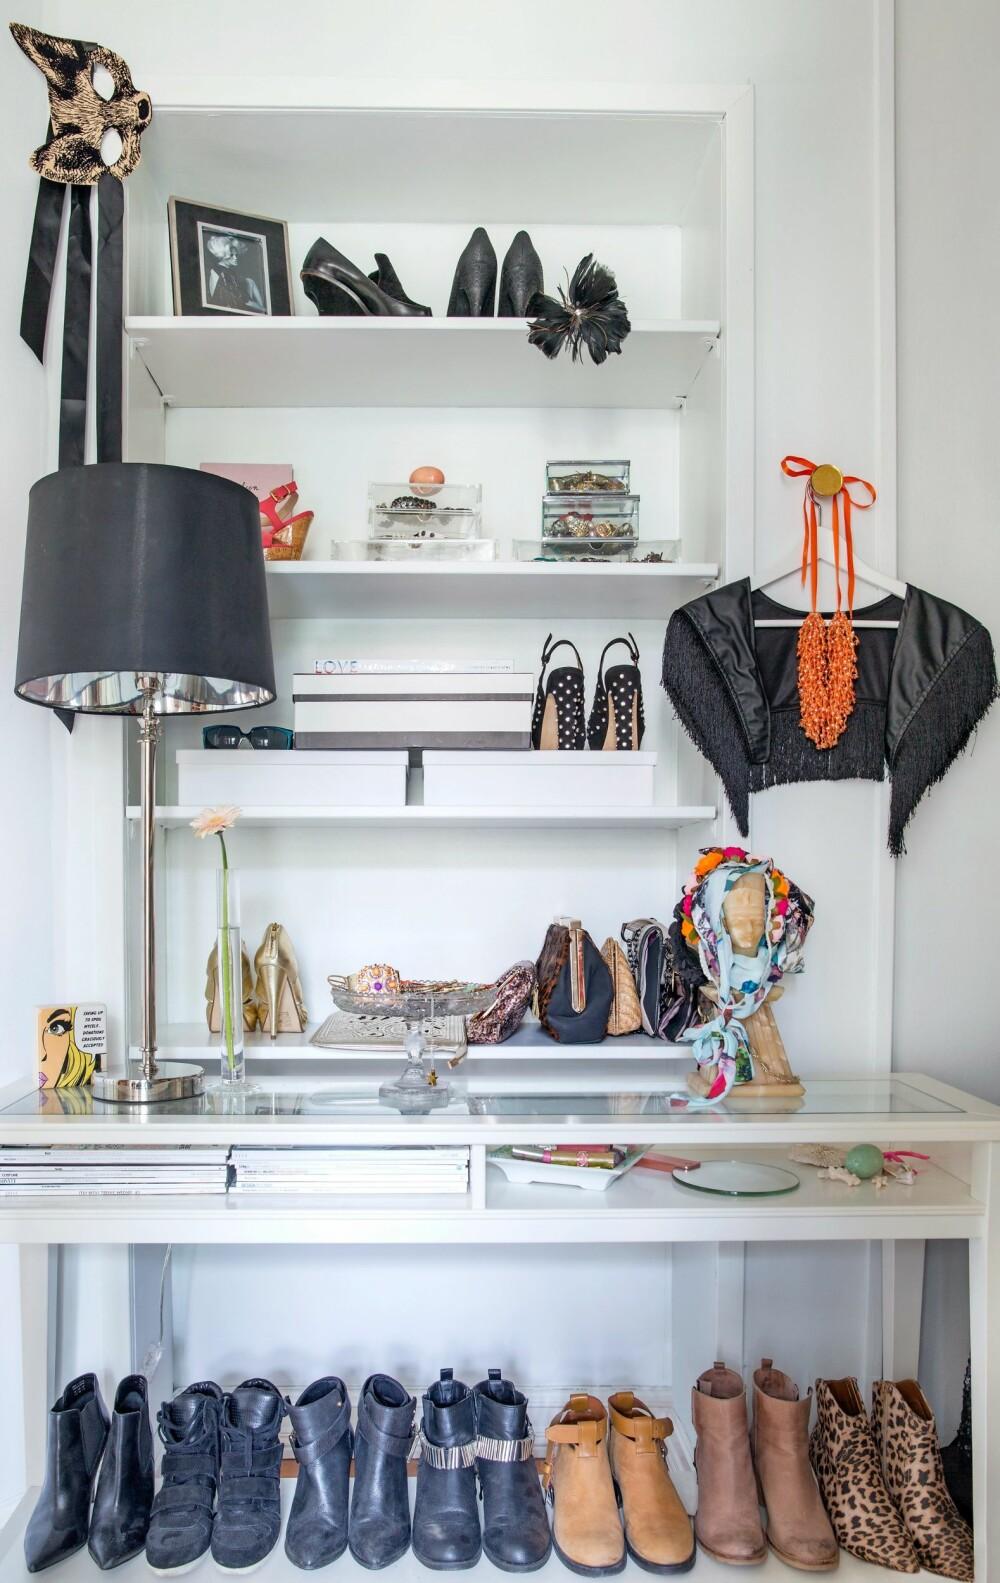 MYE Å SE PÅ: Alle detaljene i hjemmet gjør det unikt. FOTO: Margrethe Myhrer